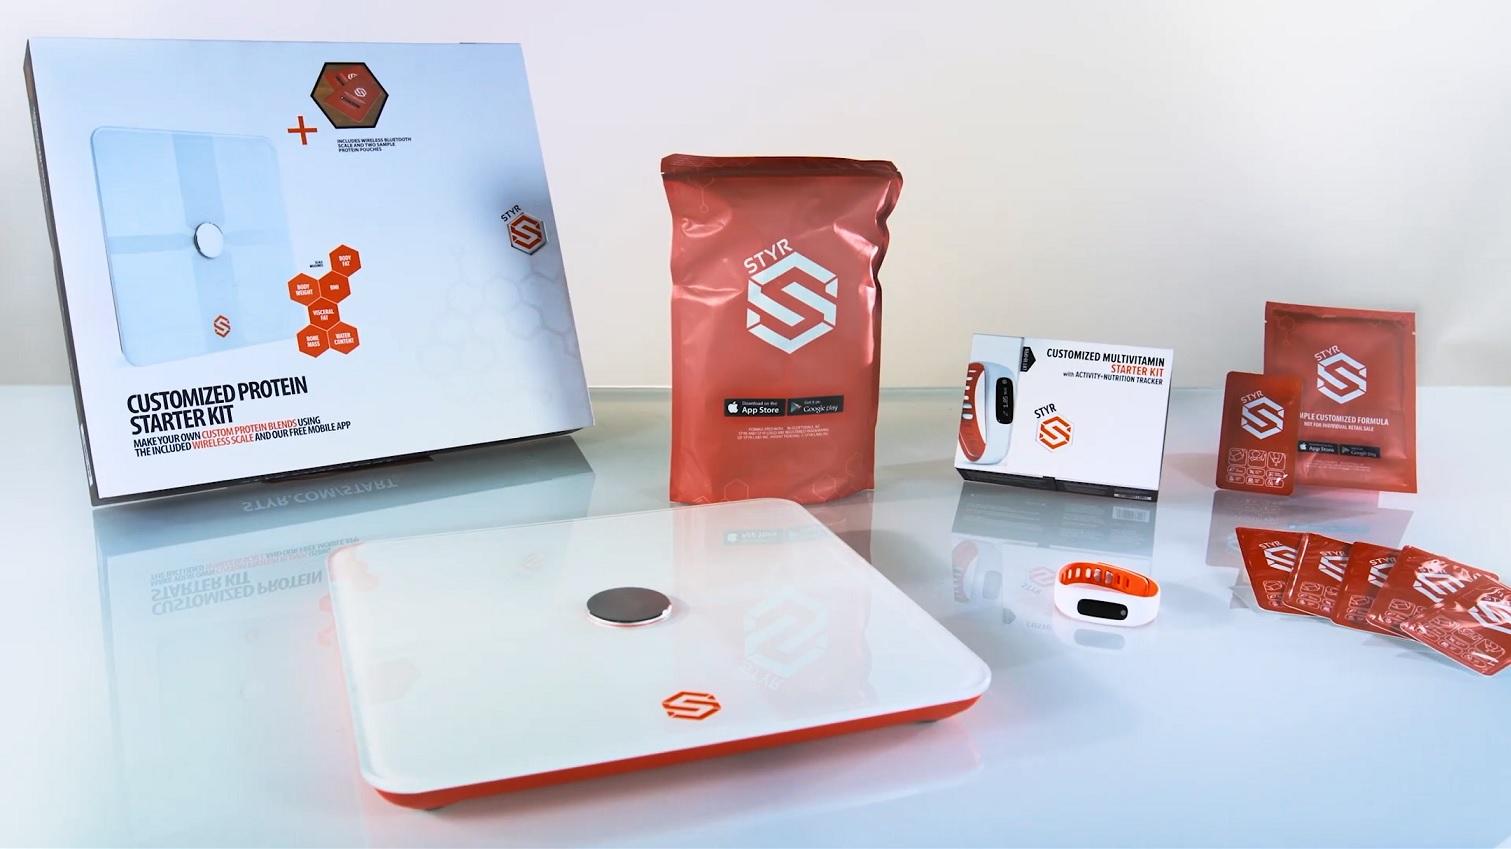 Inteligentna waga, bransoletka, apka fitness oraz suplementy diety. foto. zrzut z filmiku Styr Labs